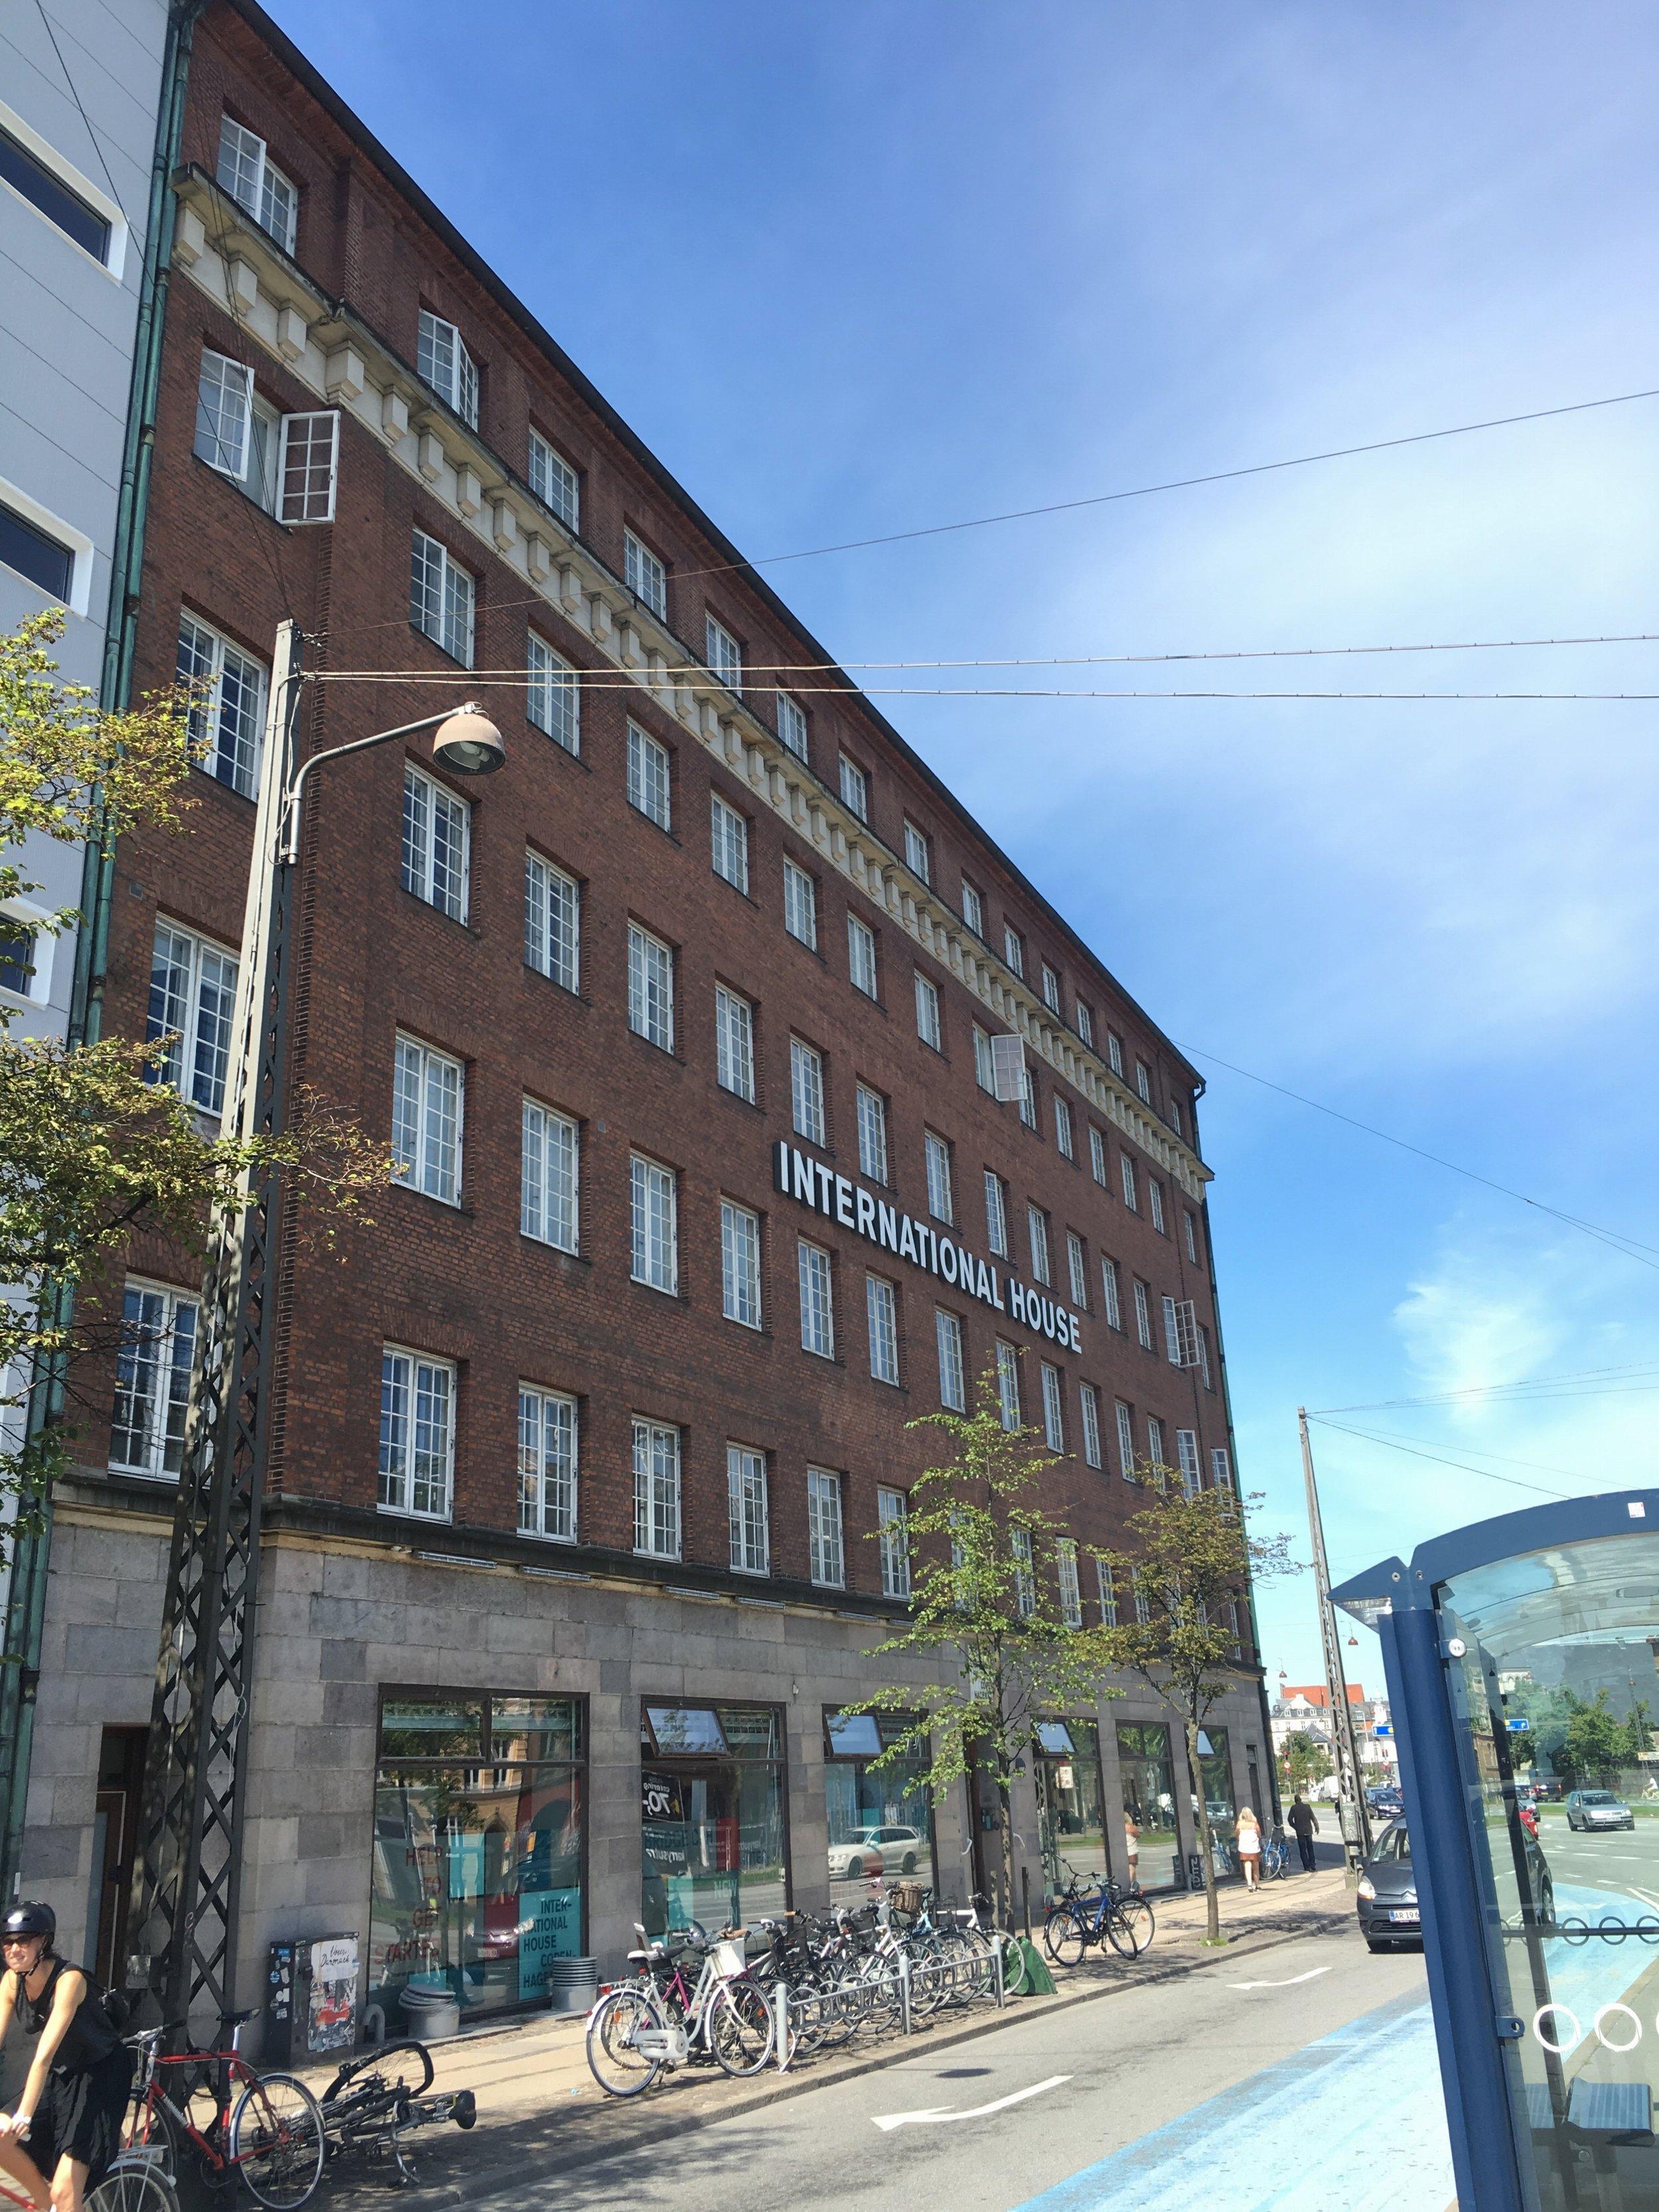 COPENHAGEN CITY COUNCIL